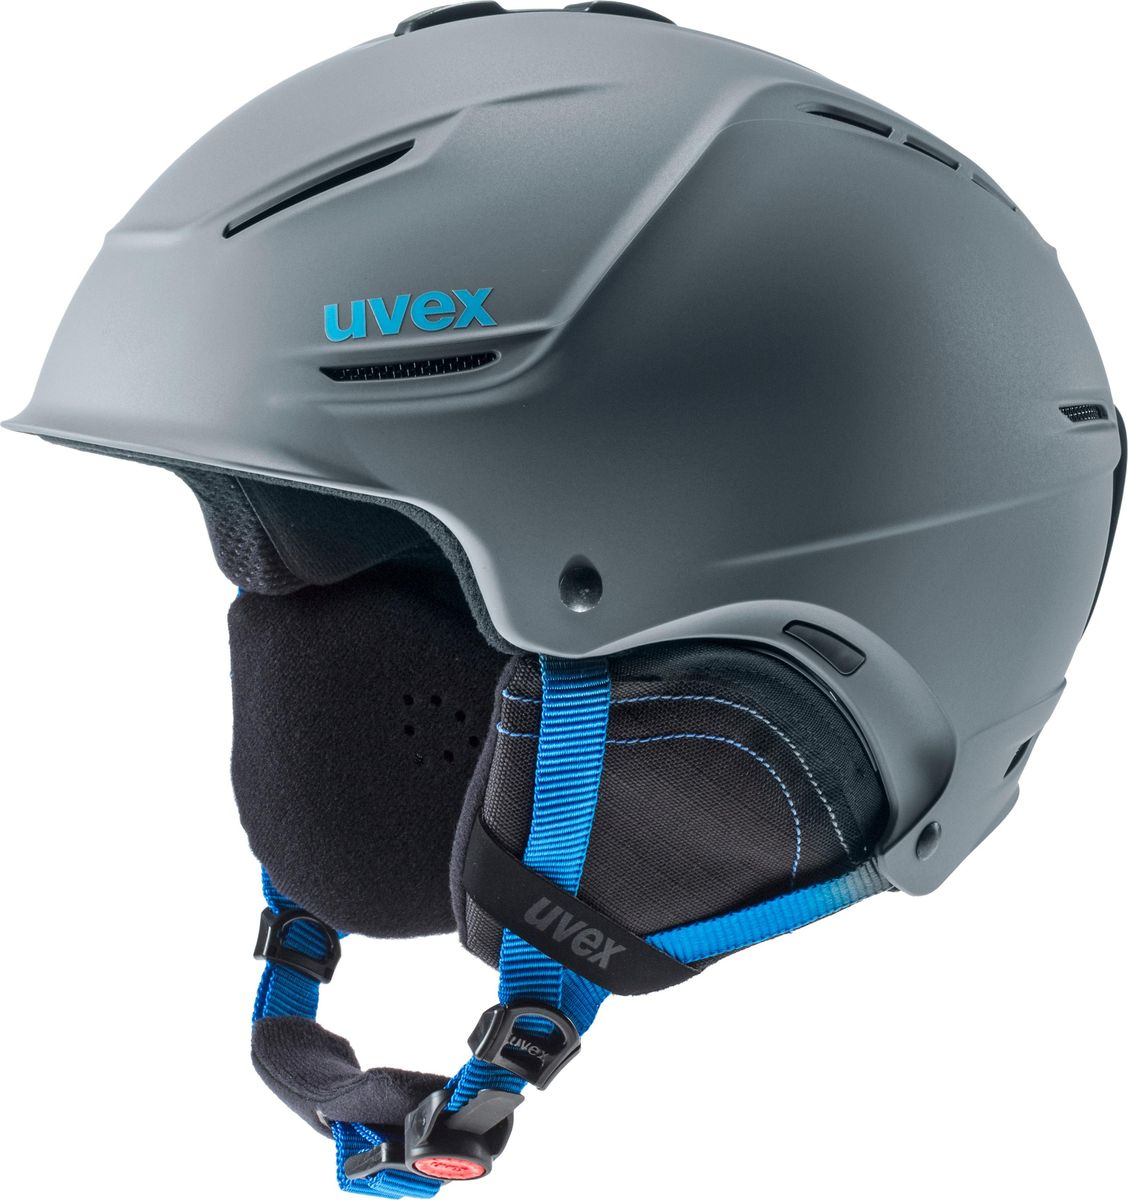 Шлем горнолыжный Uvex P1us 2.0 Helmet, цвет: серый, синий матовый. Размер 55/596211Удобный шлем от Uvex с конструкцией +technology обеспечит безопасность на склоне. В модели предусмотрена съемная защита ушей с технологией Natural Sound, которая не искажает звуки. Гипоаллергенная подкладка и регулируемая вентиляция гарантируют комфорт во время катания. Фиксатор стрэпа маски и застежка monomatiс, которую легко отрегулировать одной рукой, служат для удобства использования. Система IAS для индивидуальной подгонки по размеру. Сделано в Германии.